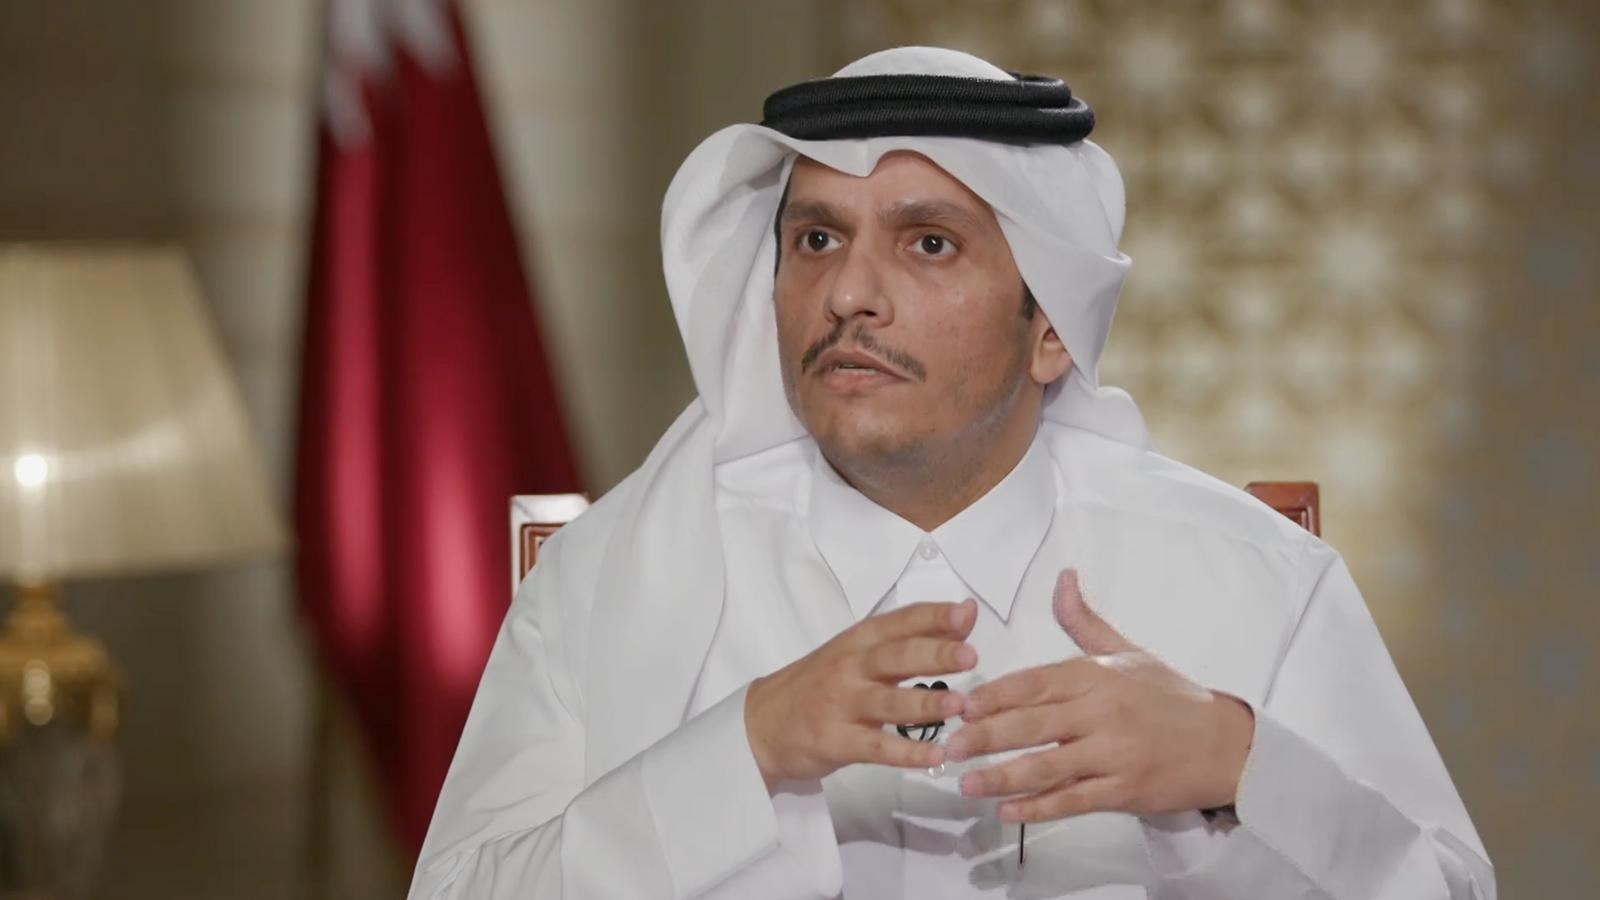 الخارجية القطرية: حان الوقت لفتح حوارٍ مع إيران.. وسنسهل المفاوضات إذا طلب منّا ذلك